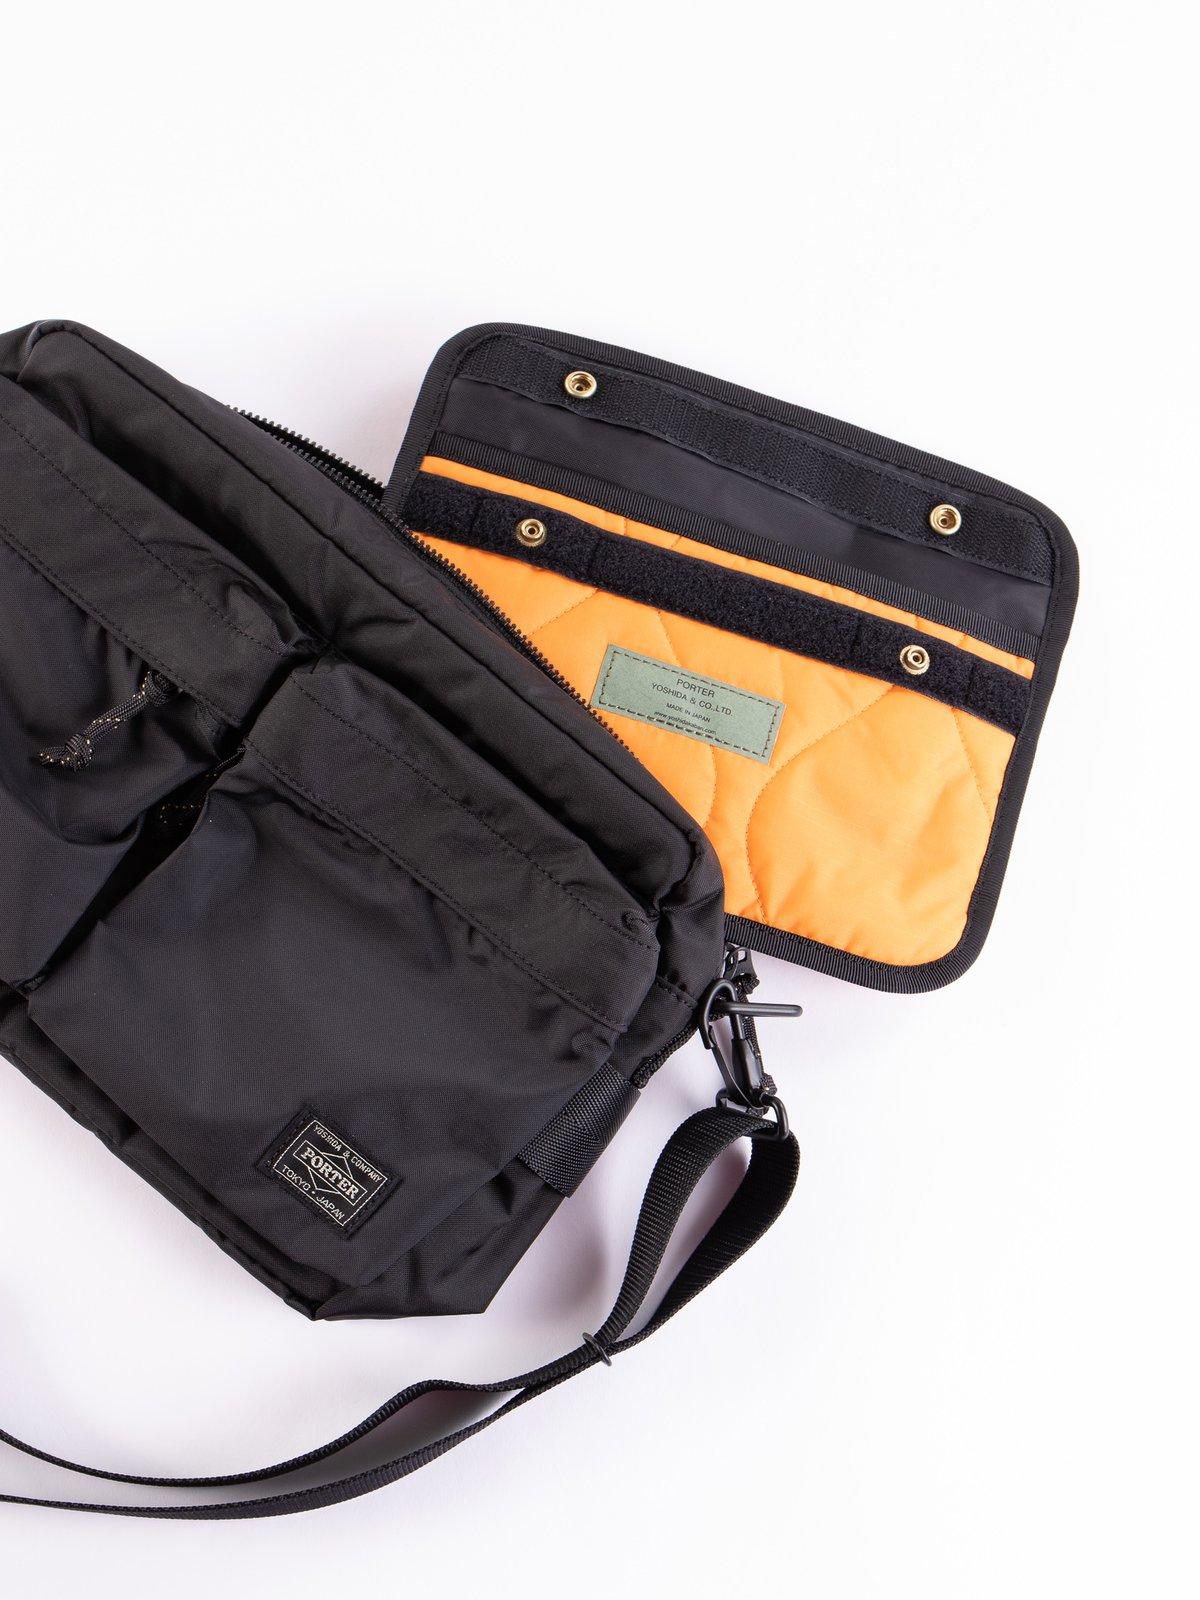 Black Force Small Shoulder Bag - Image 4